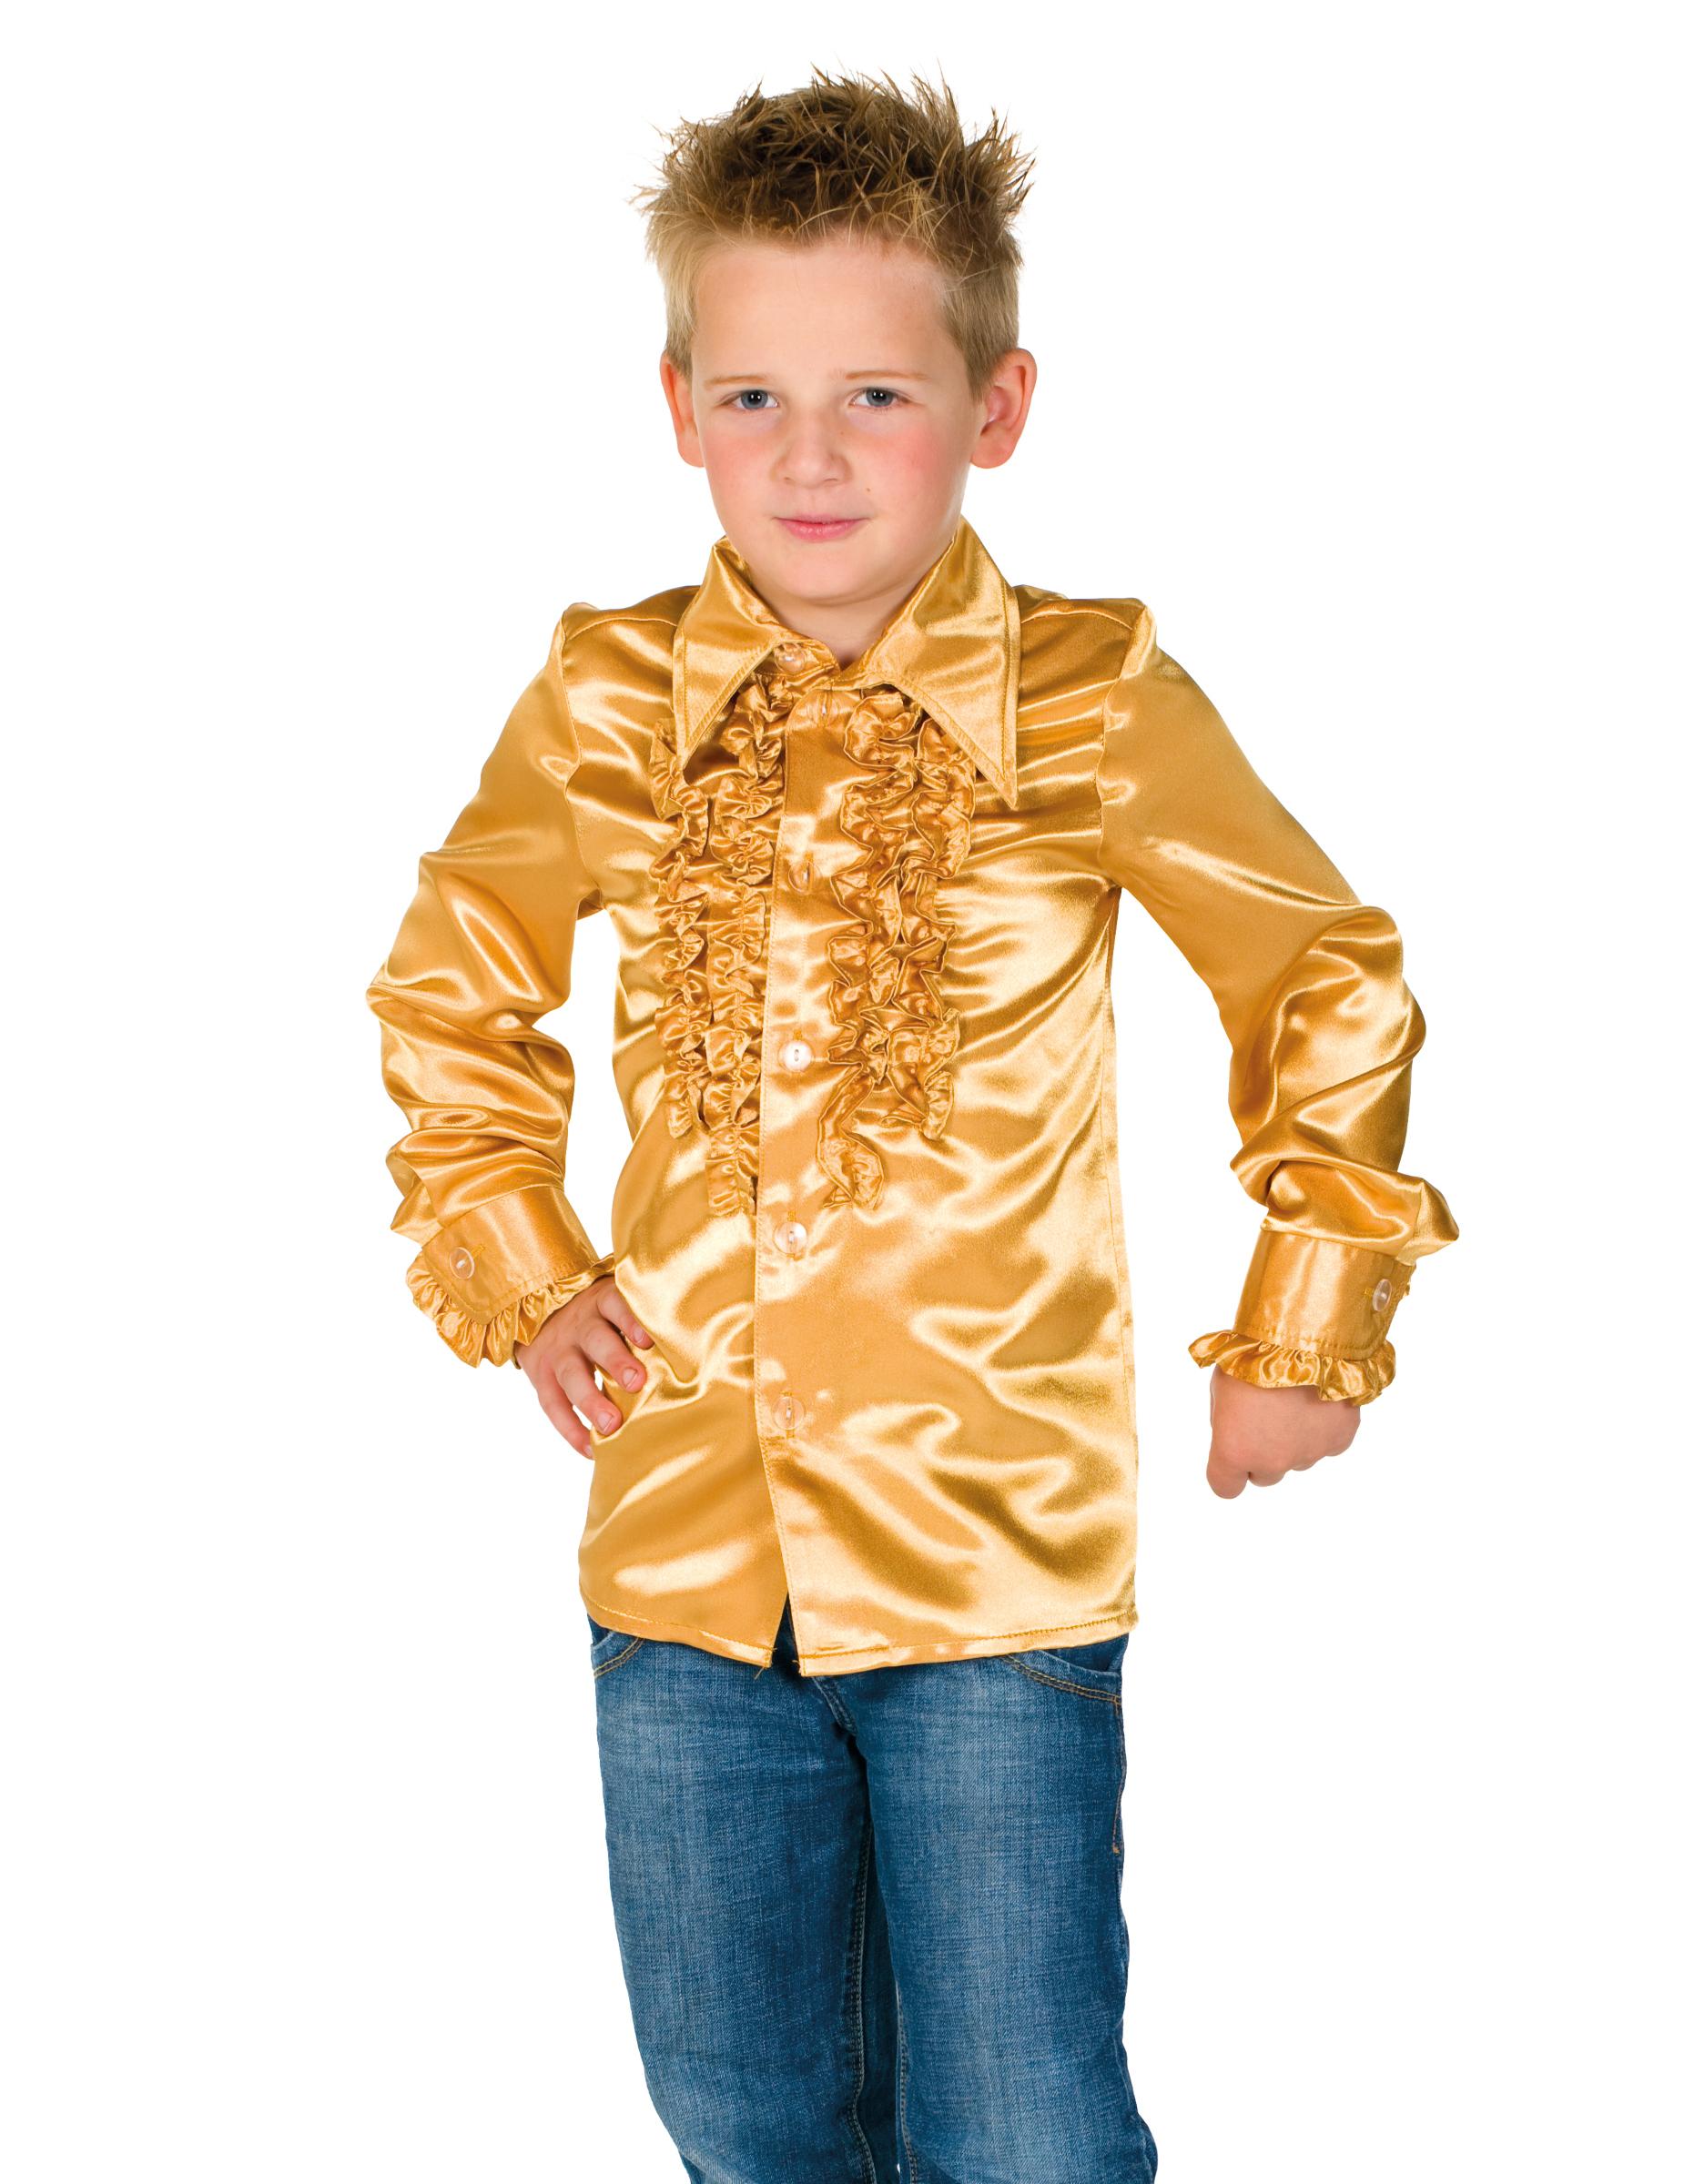 hemd mit r schen f r kinder gold g nstige faschings kost me bei karneval megastore. Black Bedroom Furniture Sets. Home Design Ideas